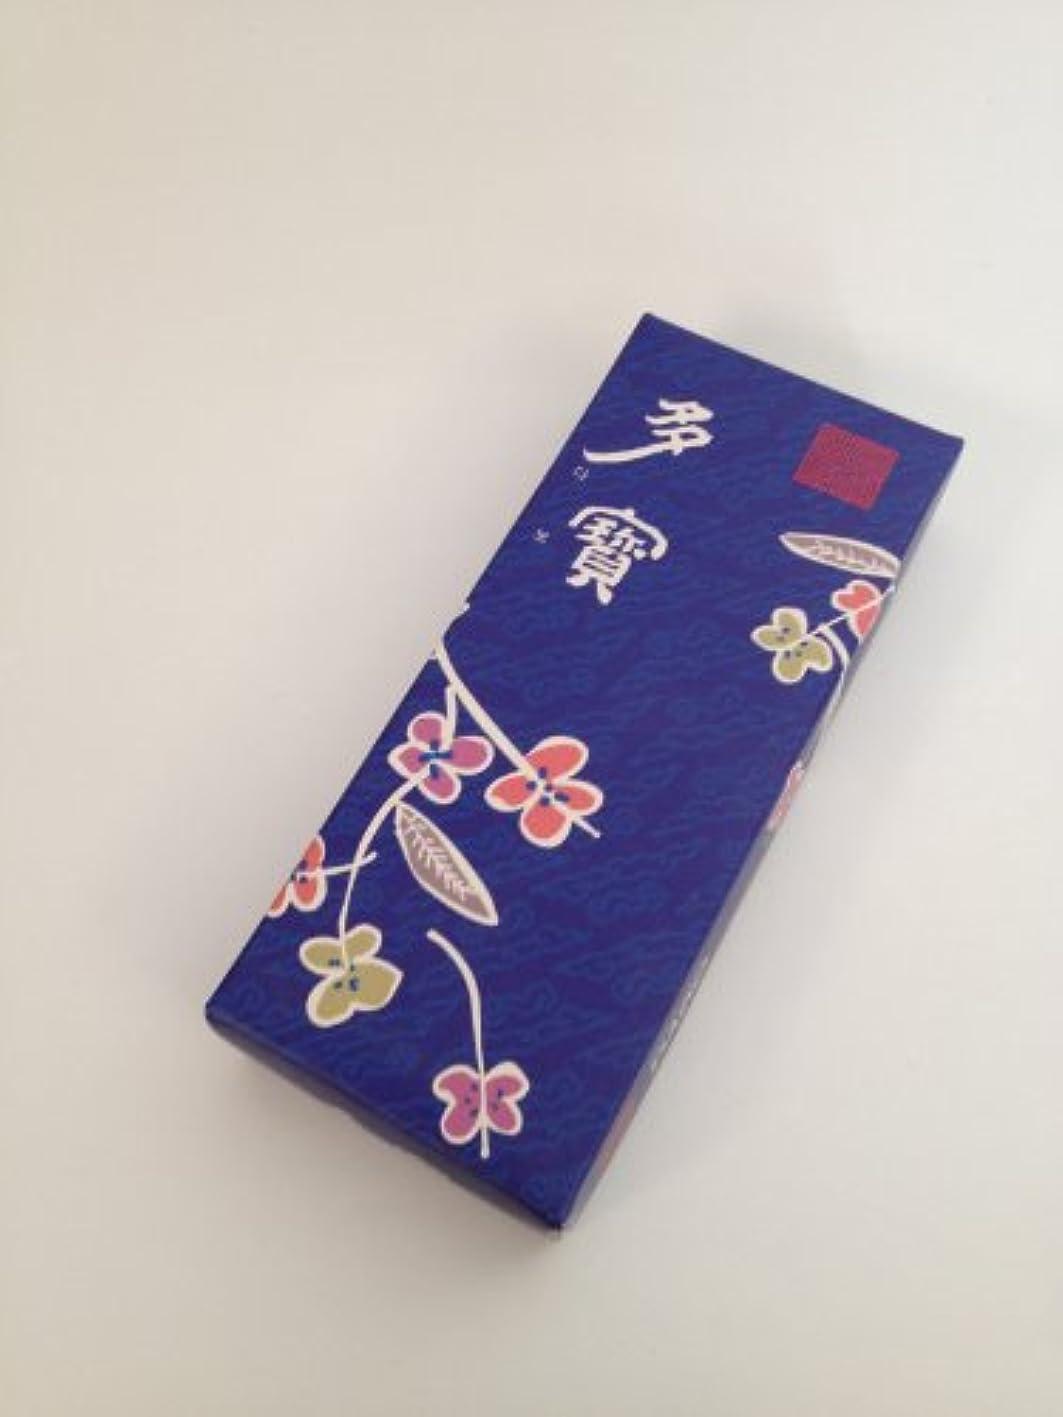 困惑したマーキング快いChui Woon Hyang Dang Temple Dabo (宝物) 東洋のお香 120本 ブルー